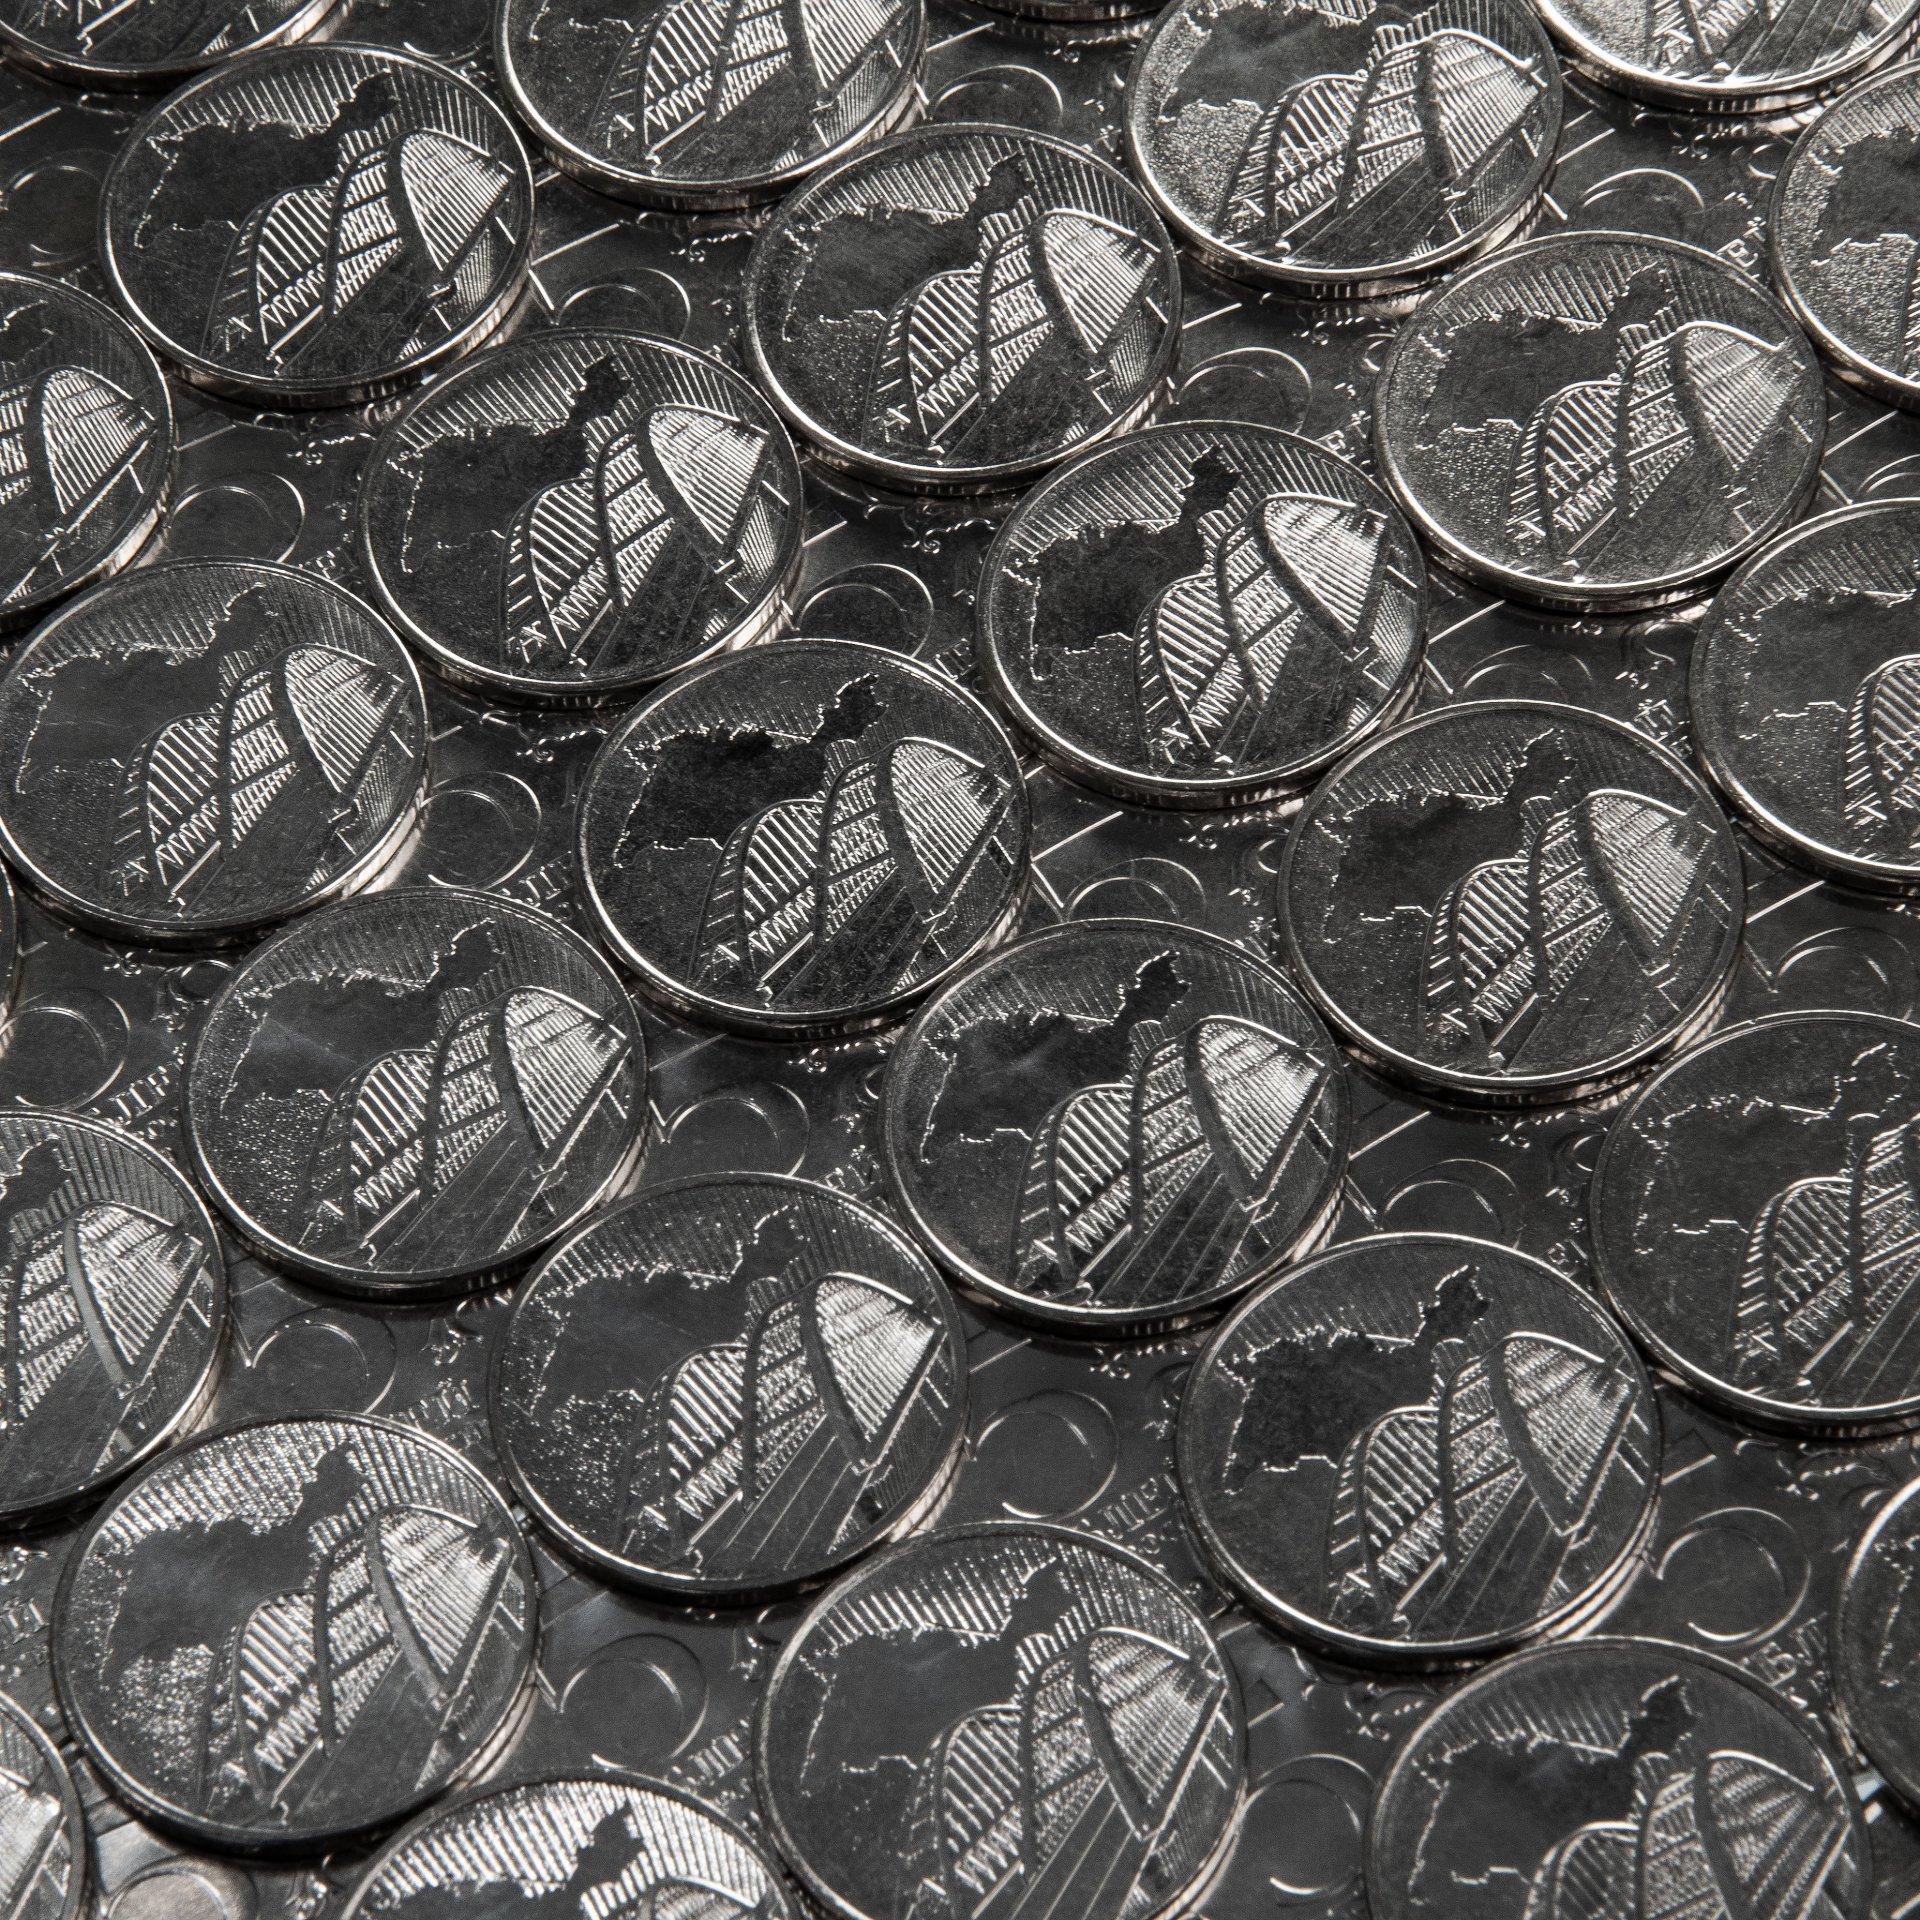 монета крымский мост 2020 серебро купить в сбербанке б у камри в кредит